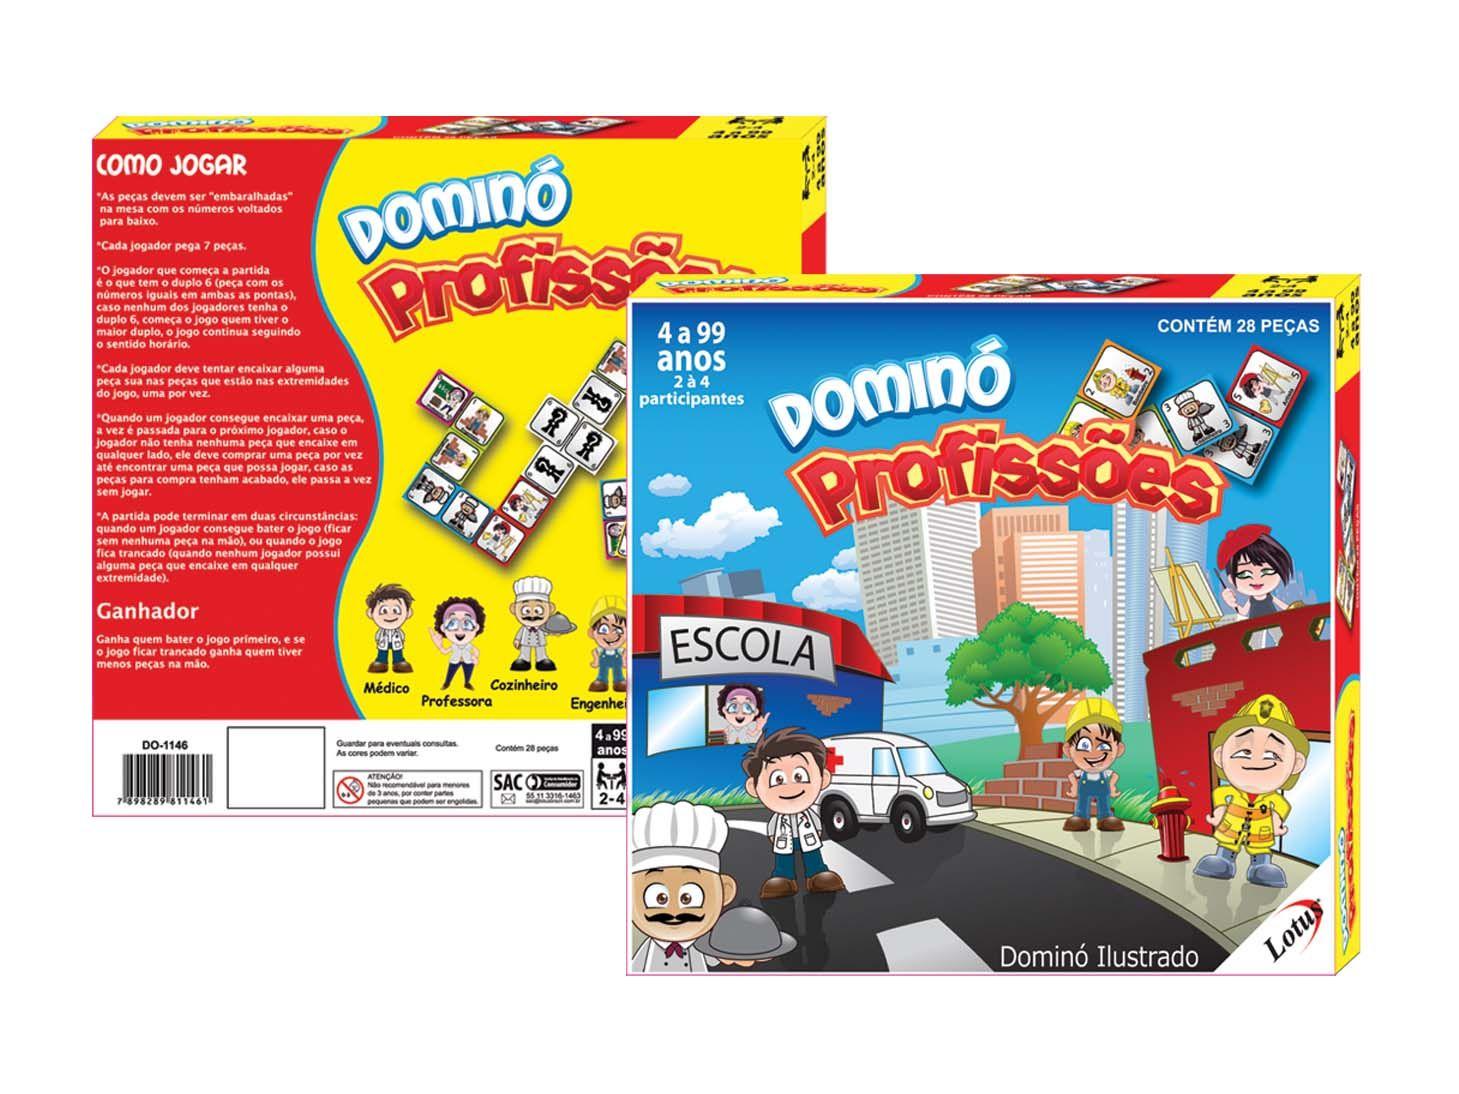 Domino Ilustrado Profissões - DO-1146